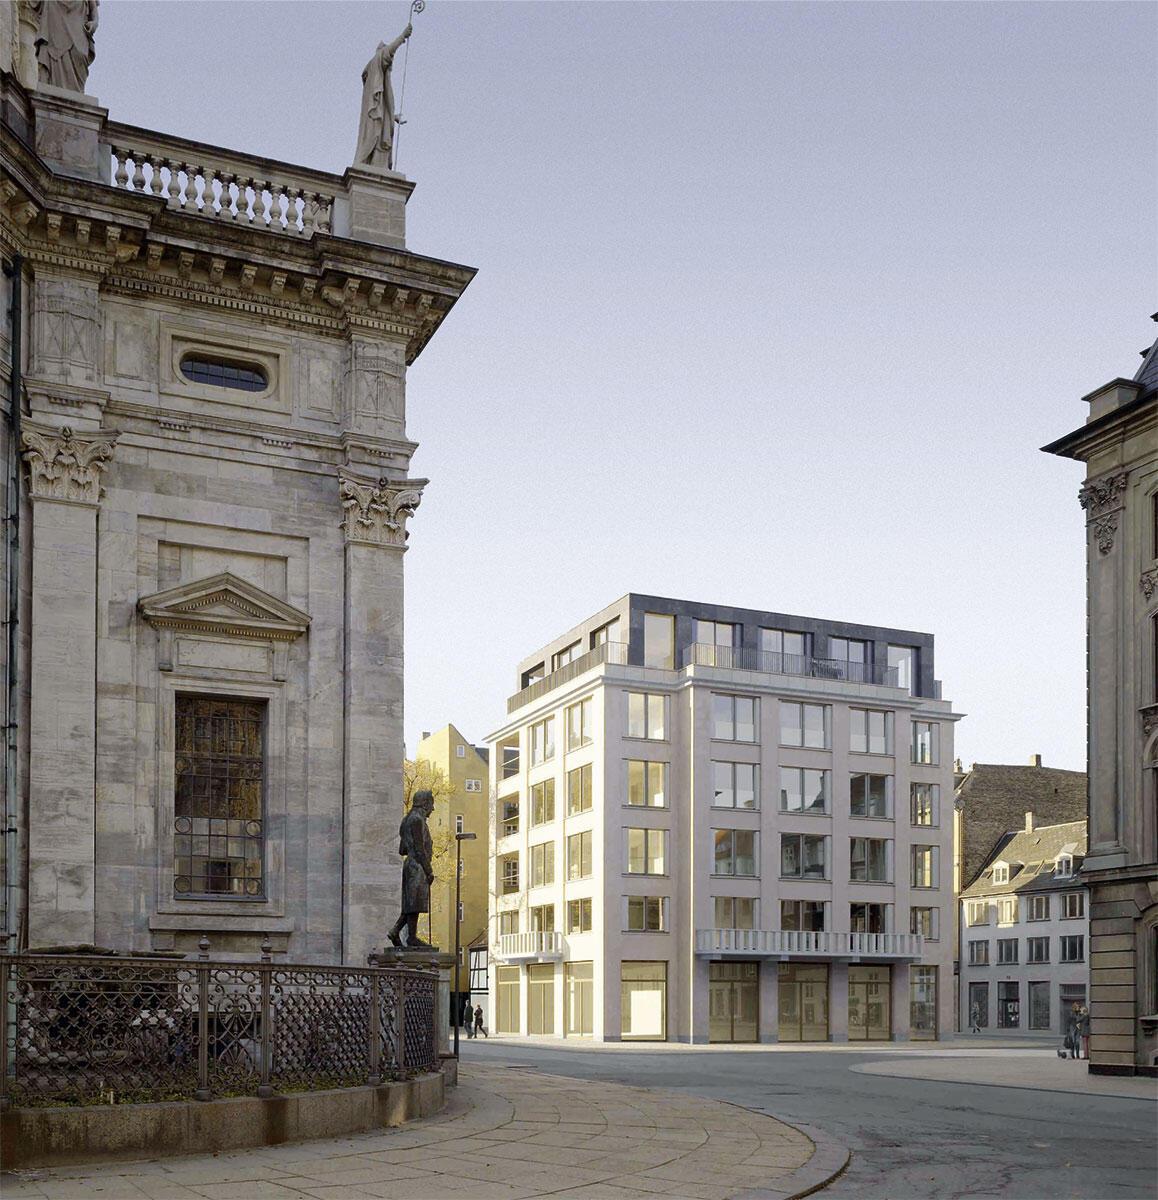 Das Gebäude von Tony Freetown Architects in der majestätischen Umgebung bietet städtische Lebendigkeit.